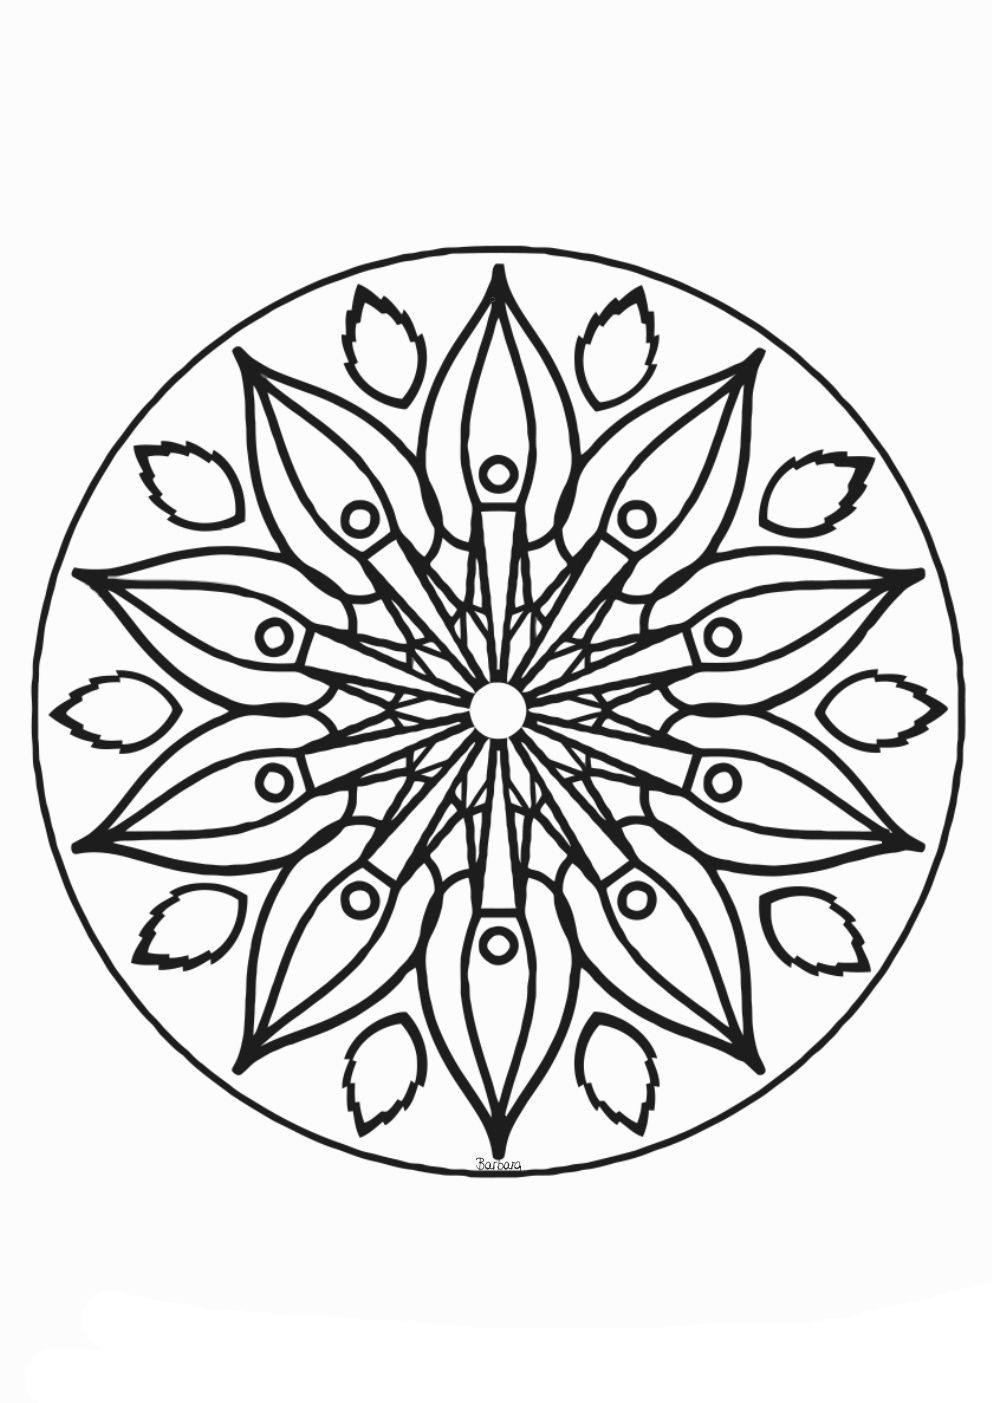 mandala love | circulos y formas | Pinterest | Mandalas, Mandalas ...